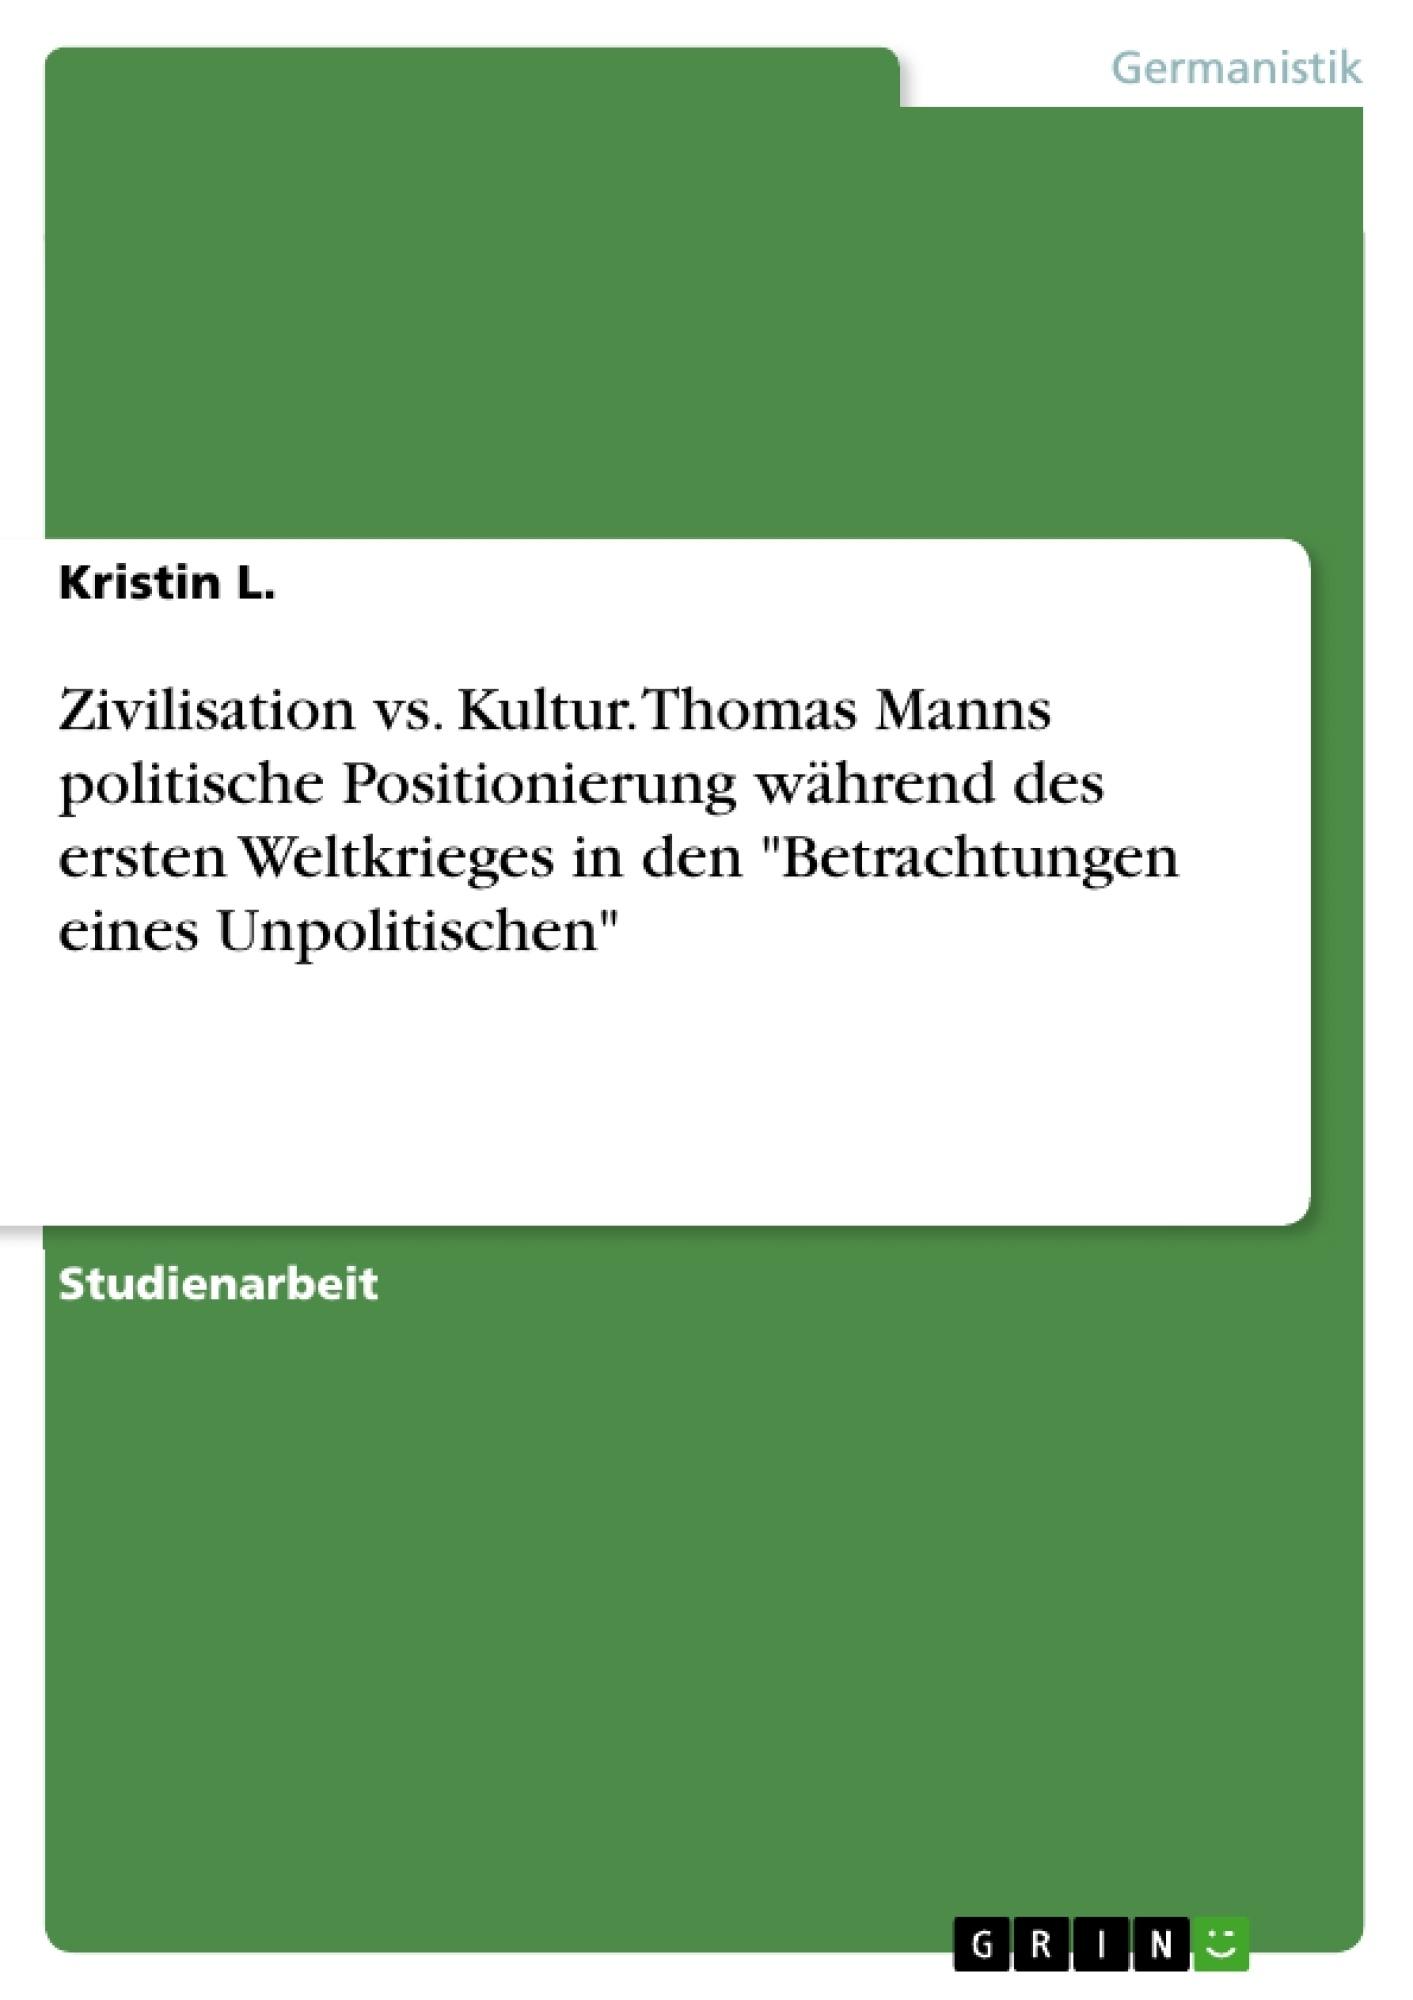 """Titel: Zivilisation vs. Kultur. Thomas Manns politische Positionierung während des ersten Weltkrieges in den """"Betrachtungen eines Unpolitischen"""""""